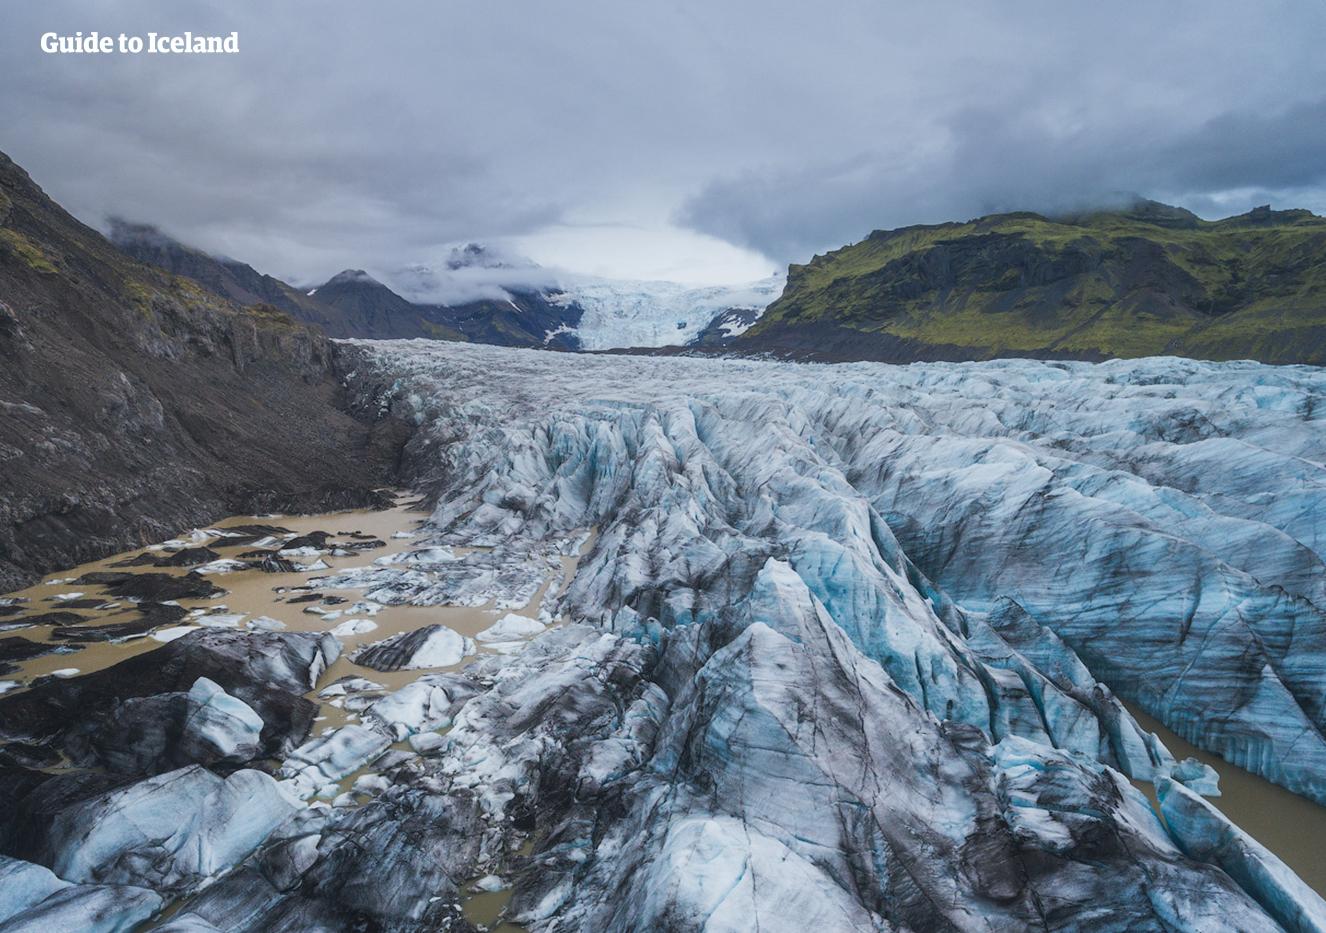 冰岛被称为冰与火之国,来冰岛旅行一定要登上冰川。